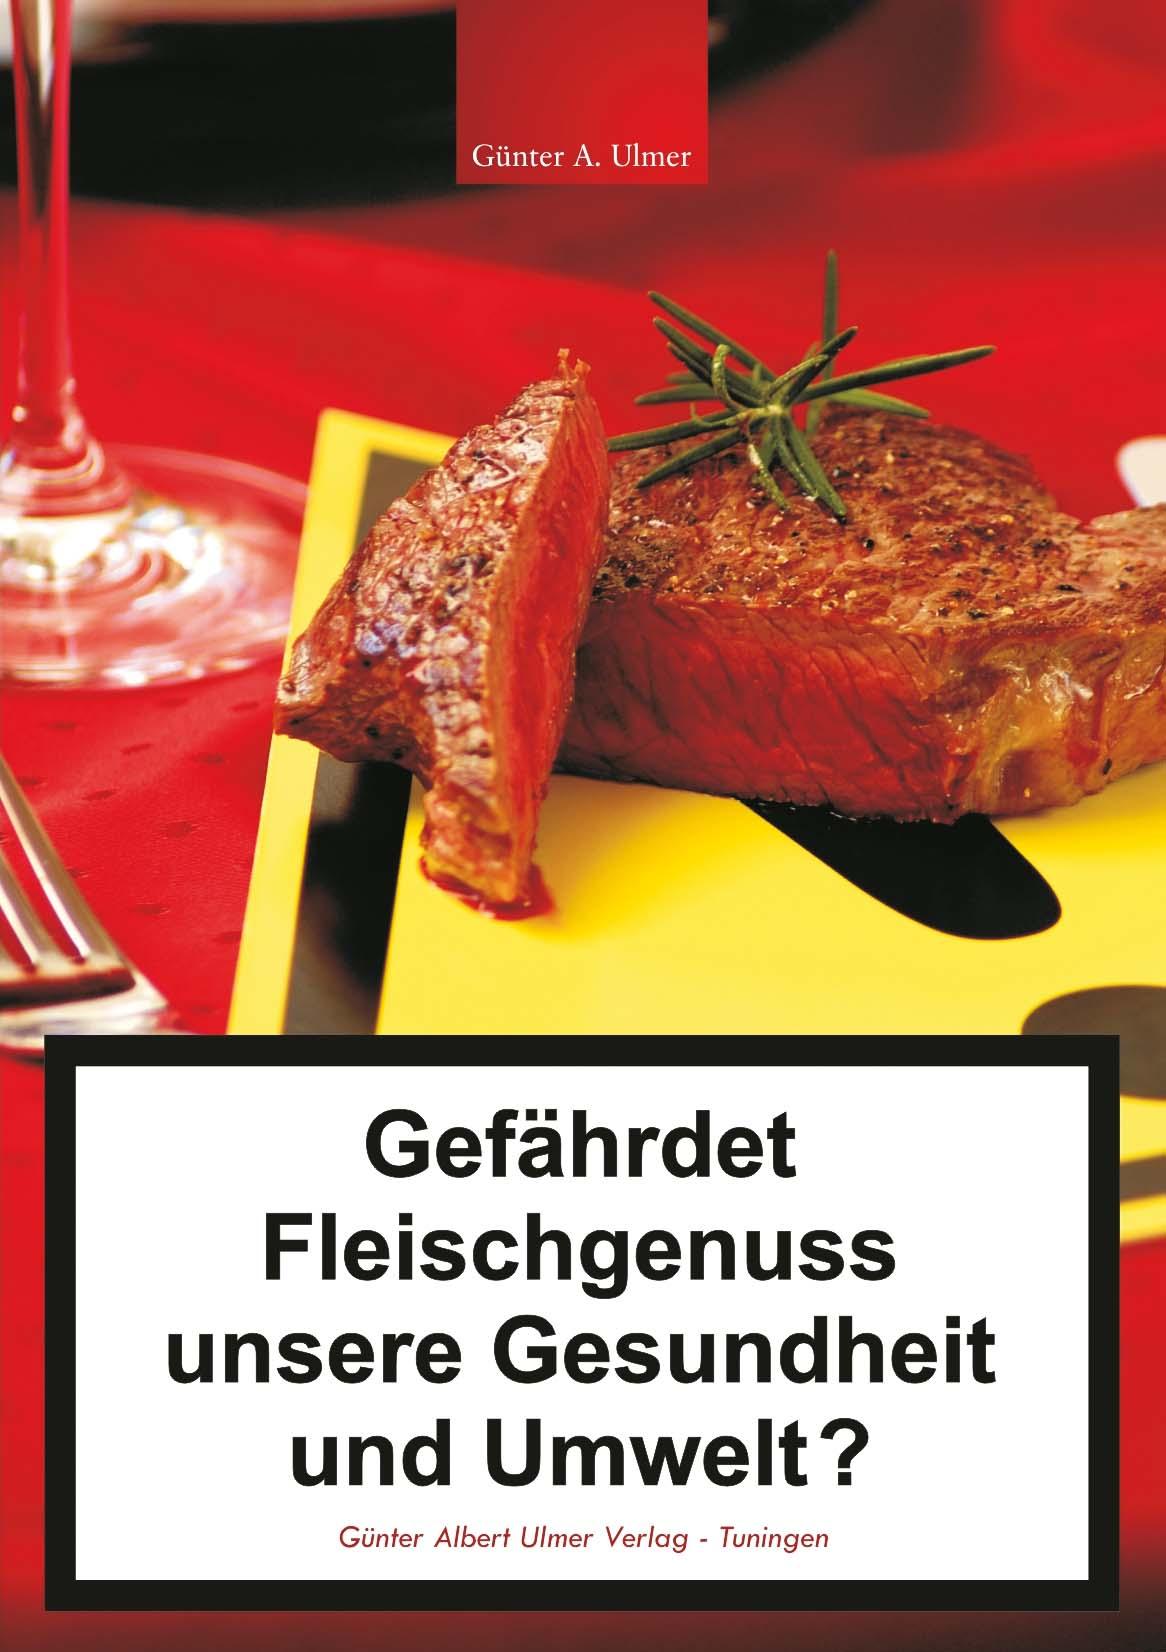 Günter Albert Ulmer / Gefährdet Fleischgenuss unsere Gesundhei ... 9783932346613